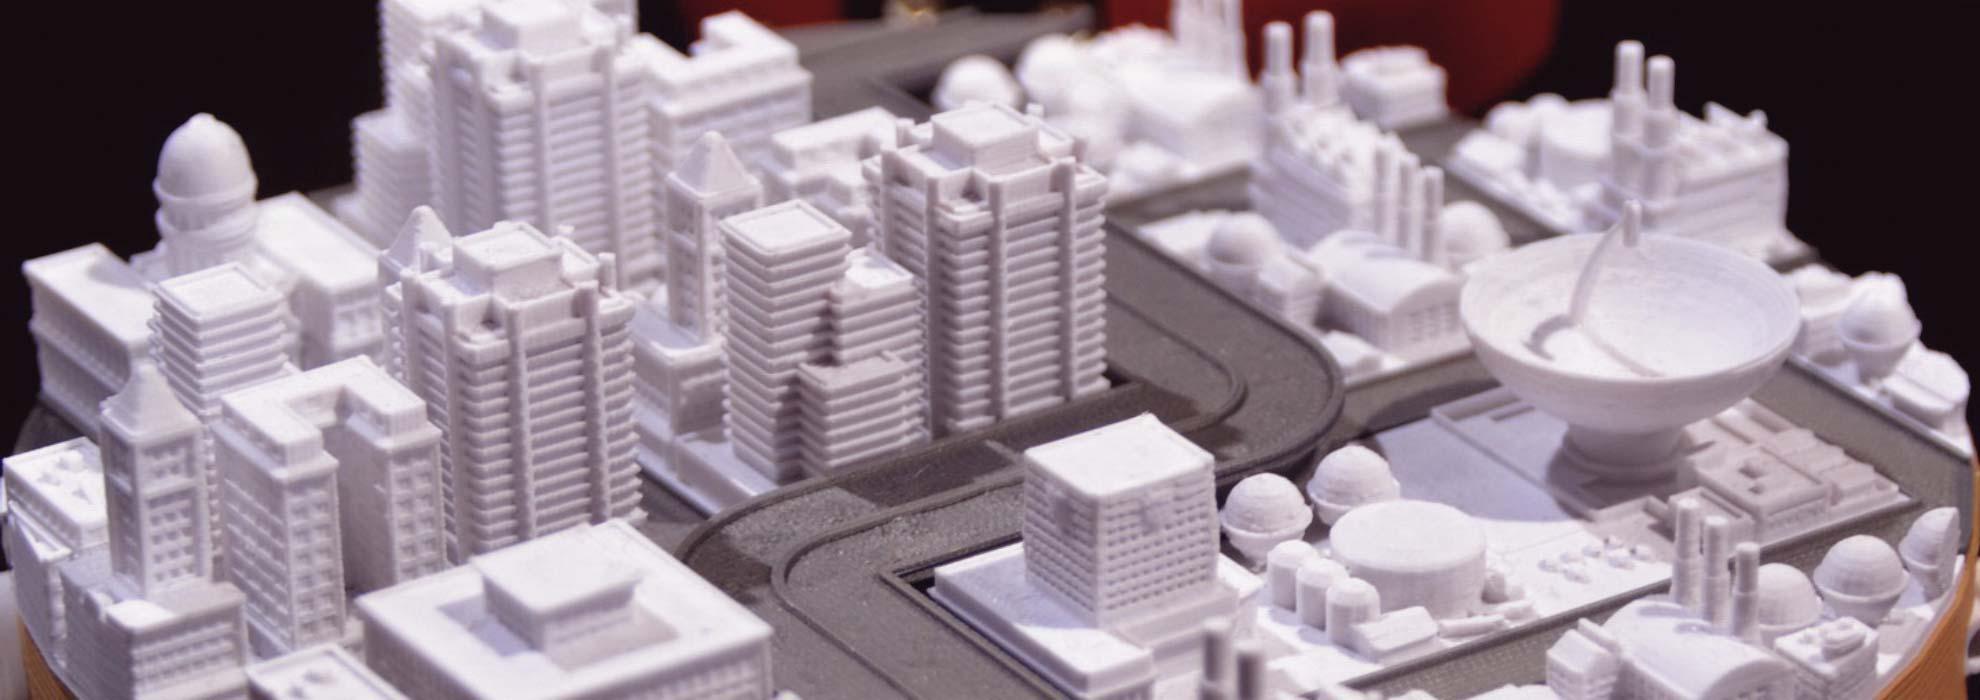 Проект архитектурной застройки